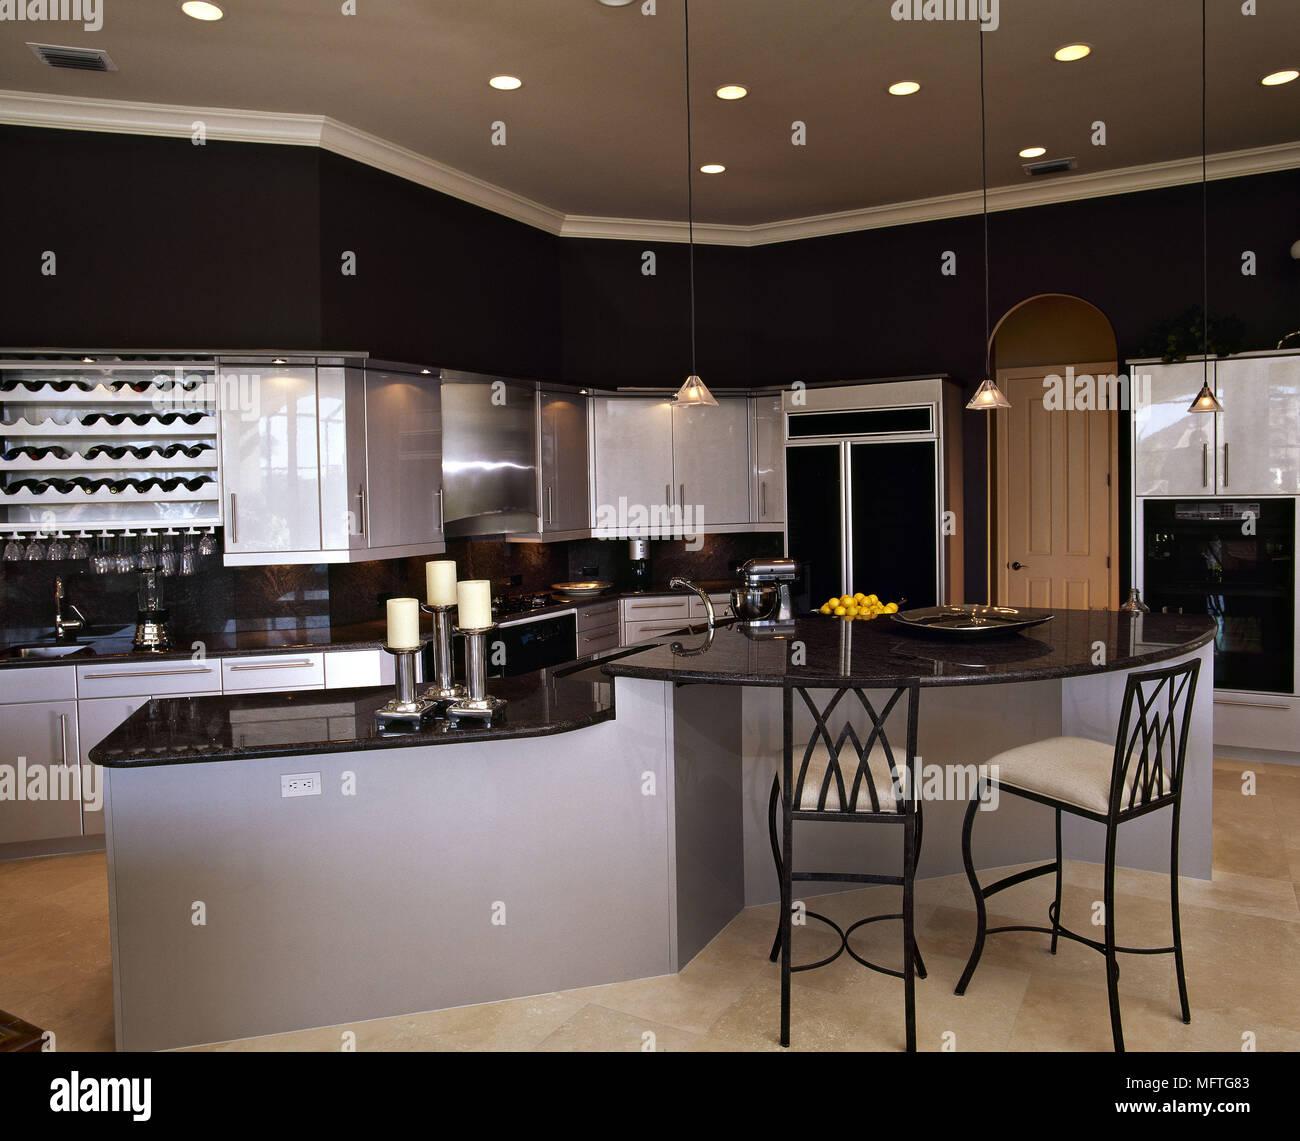 Cozinha Moderna Unidades Cinza Granito Preto Ilha Central Pequeno